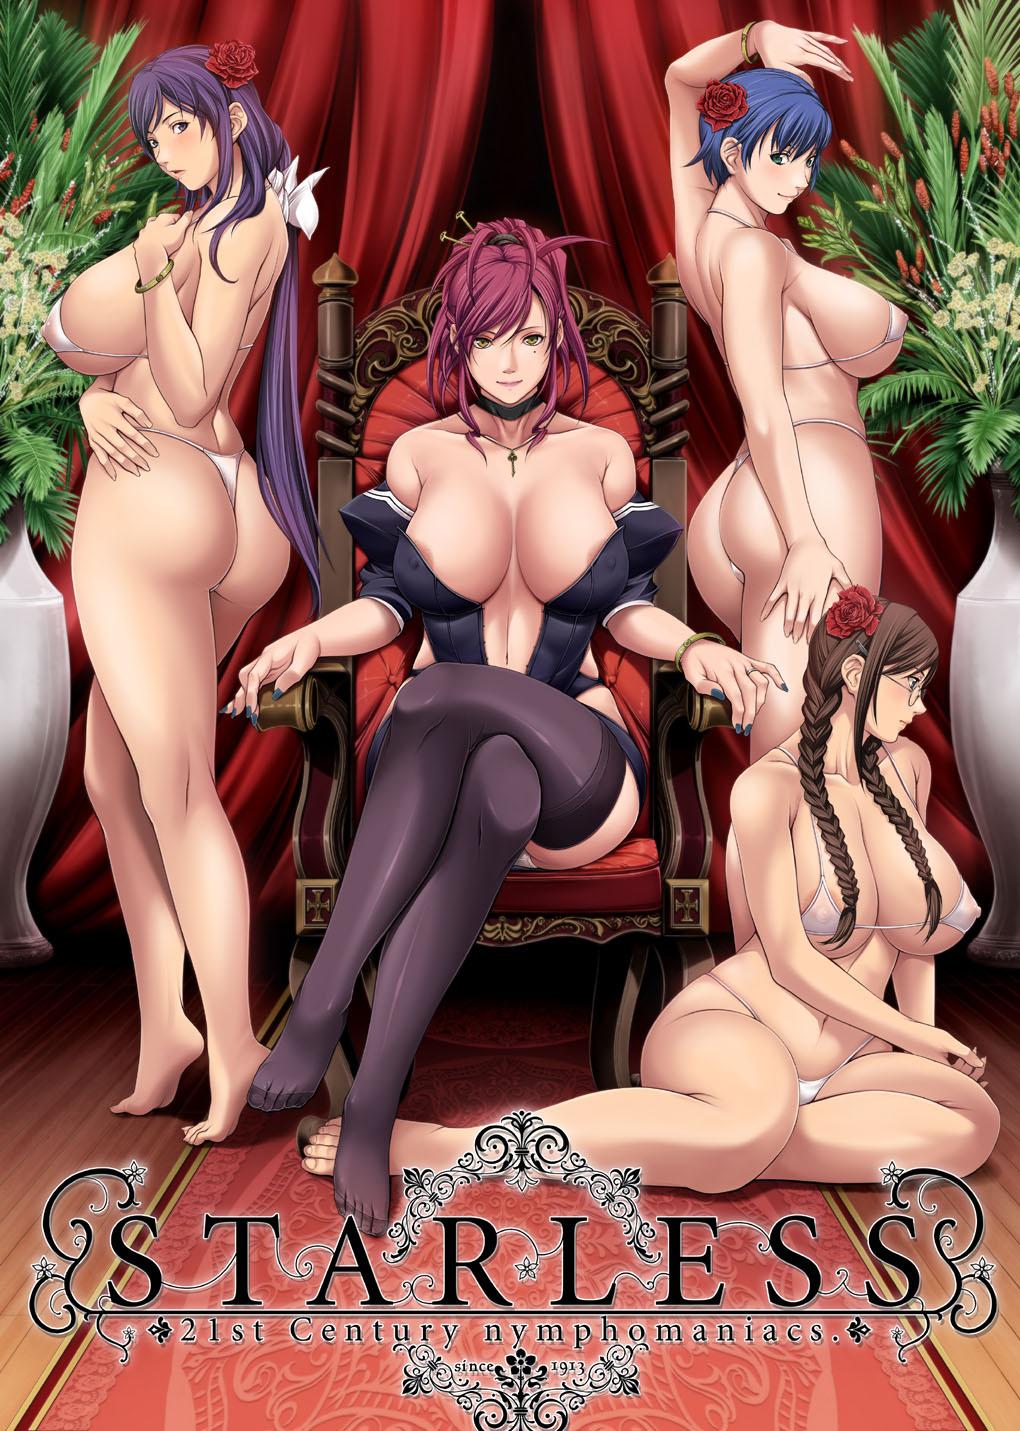 STARLESS Empress 聖少女 エロゲ PCゲーム エロ アヘ顔 拷問 拘束 輪姦 ショタ ふたなり 搾乳 浣腸